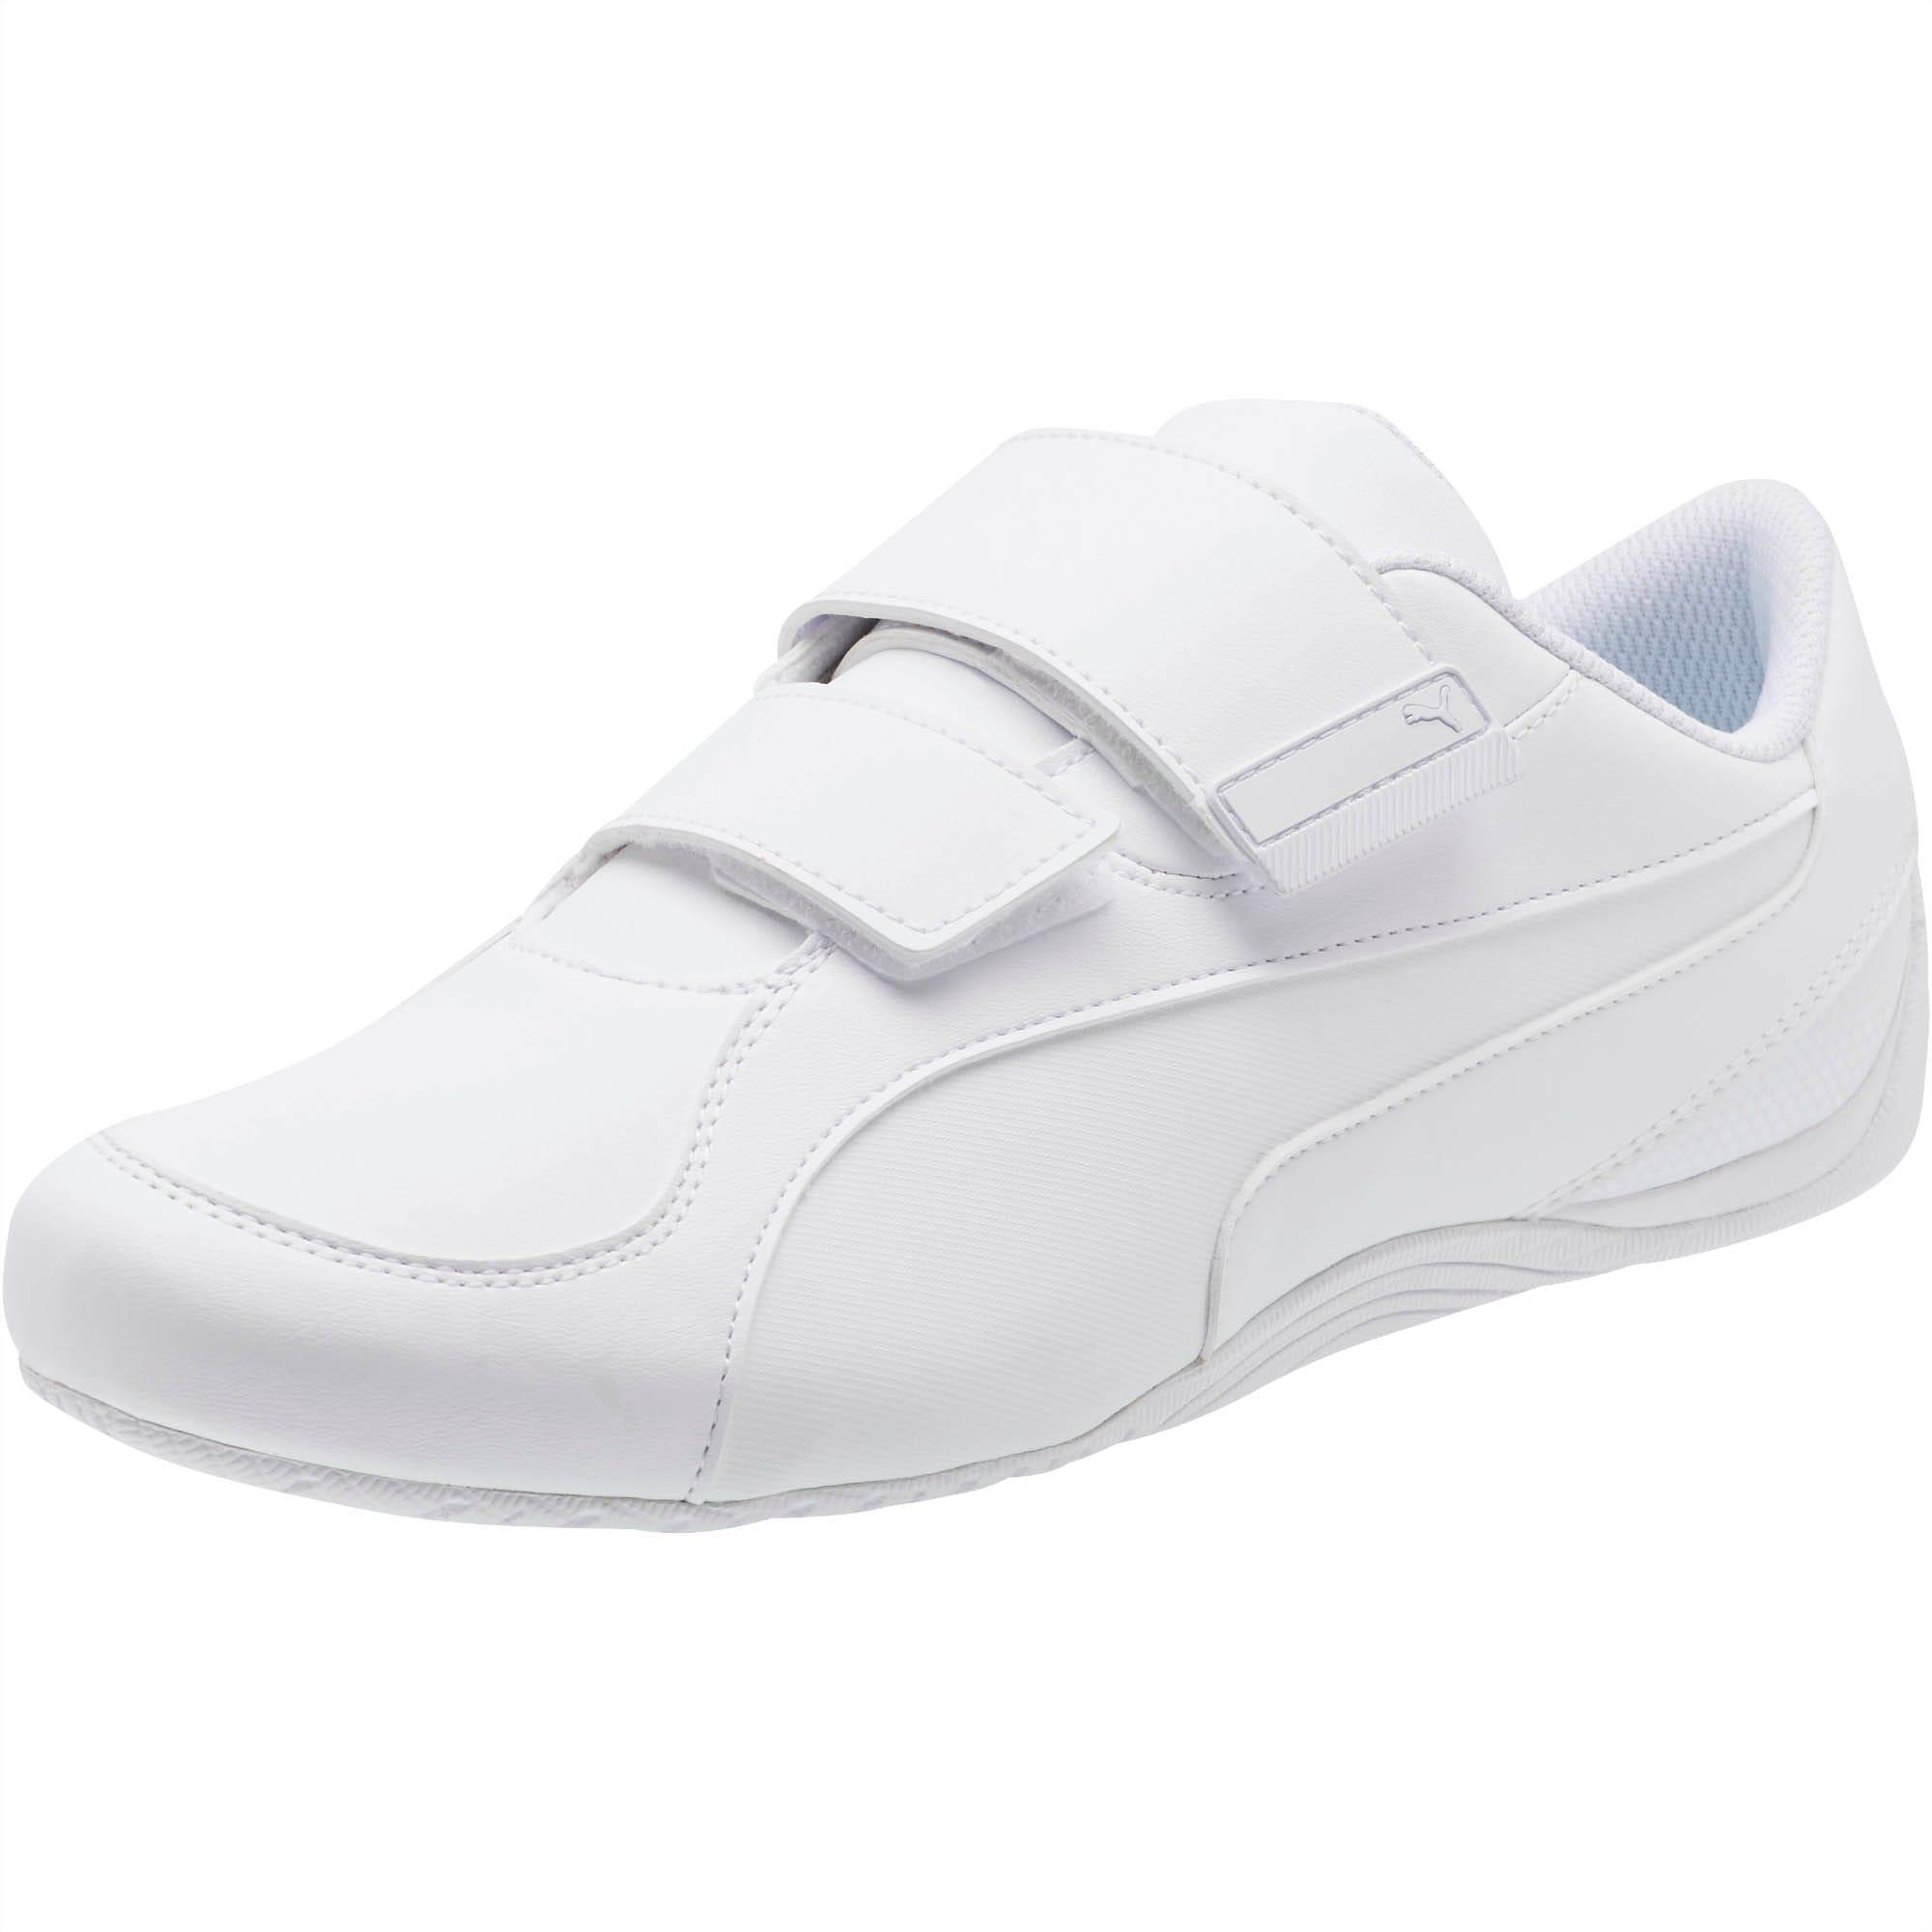 Drift Cat 5 AC Men's Shoes   PUMA US